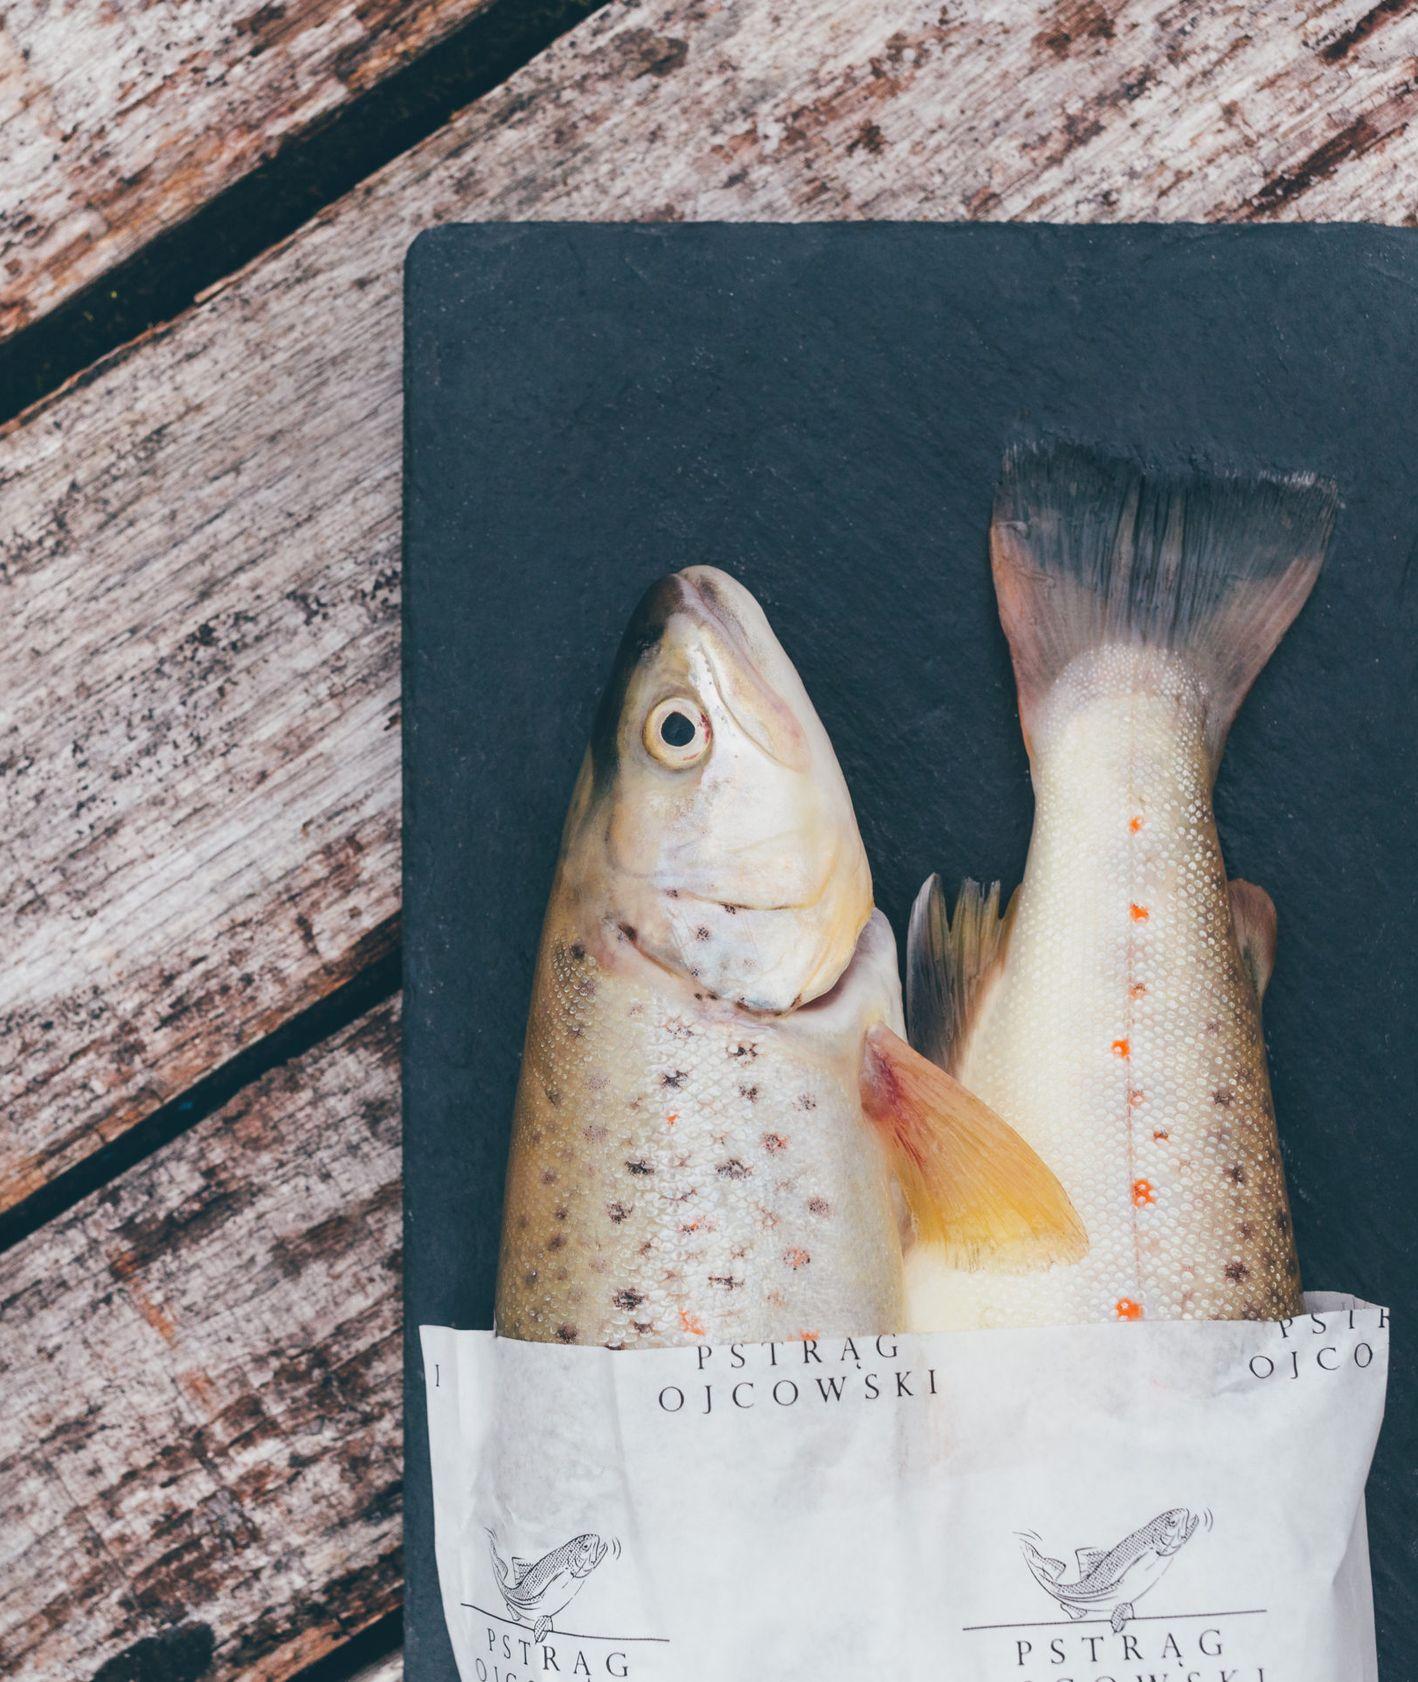 pstrąg ojcowski, dwie surowe ryby na desce